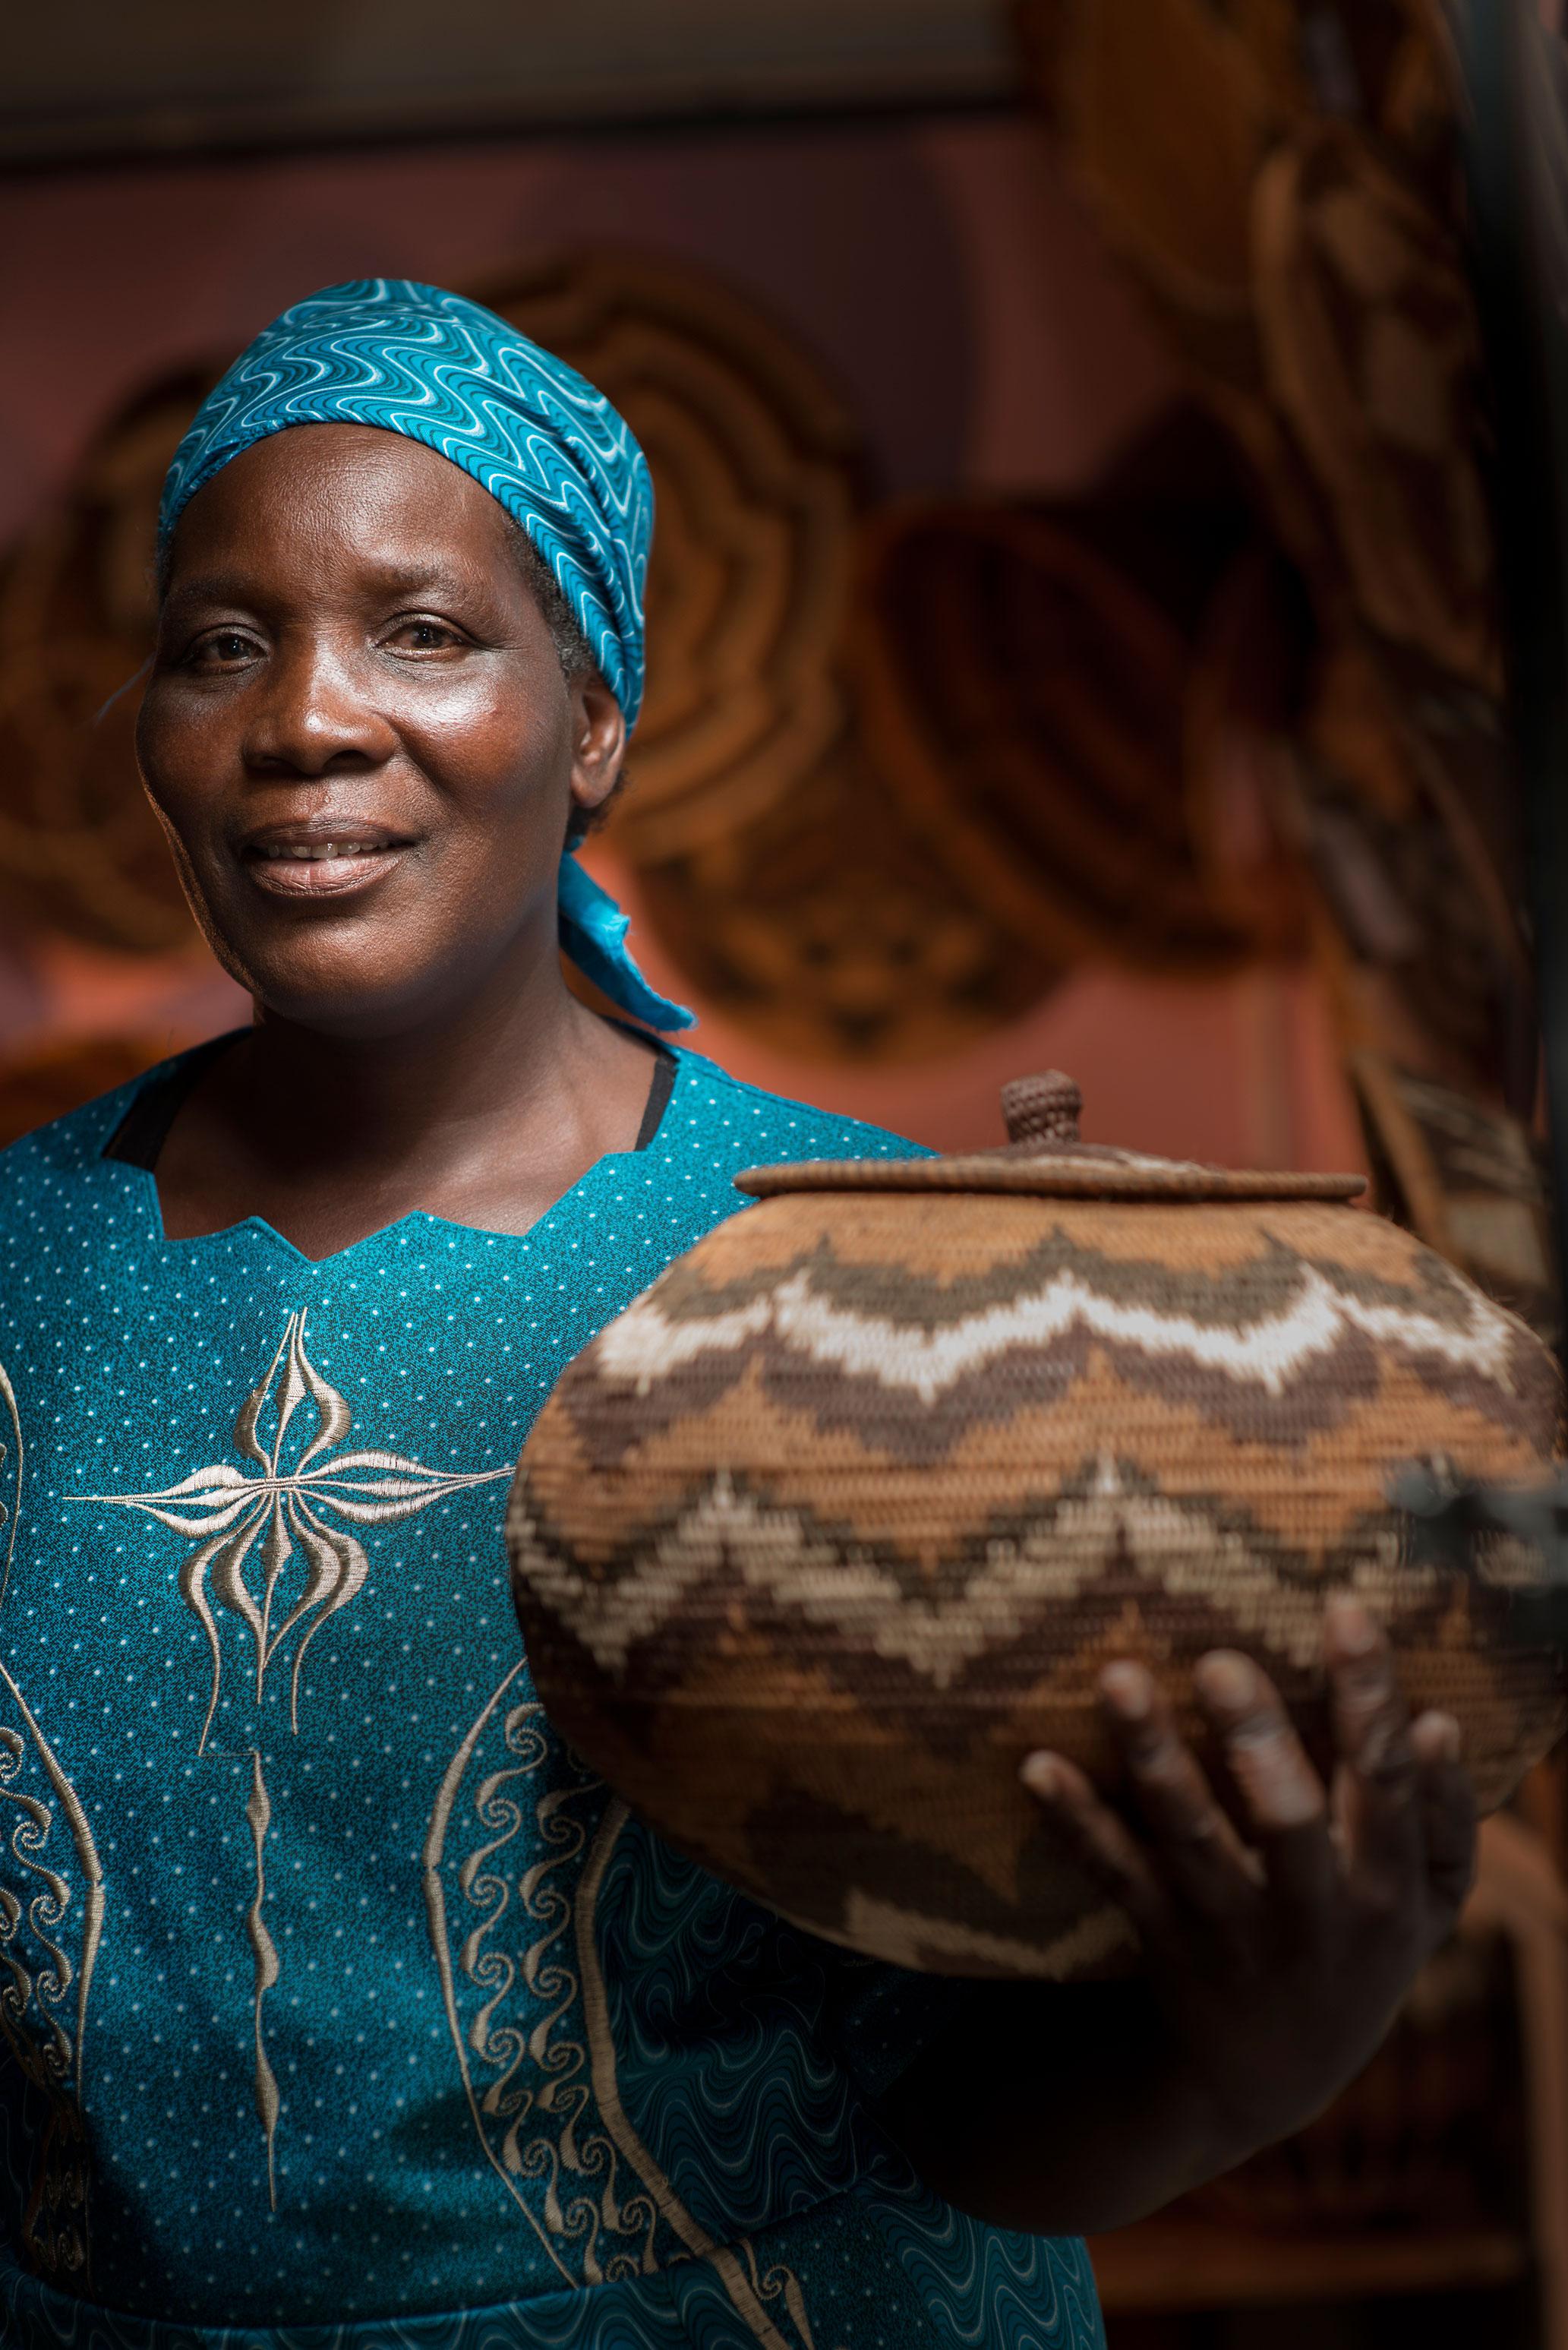 Ngwao Boswa Basket Weavers